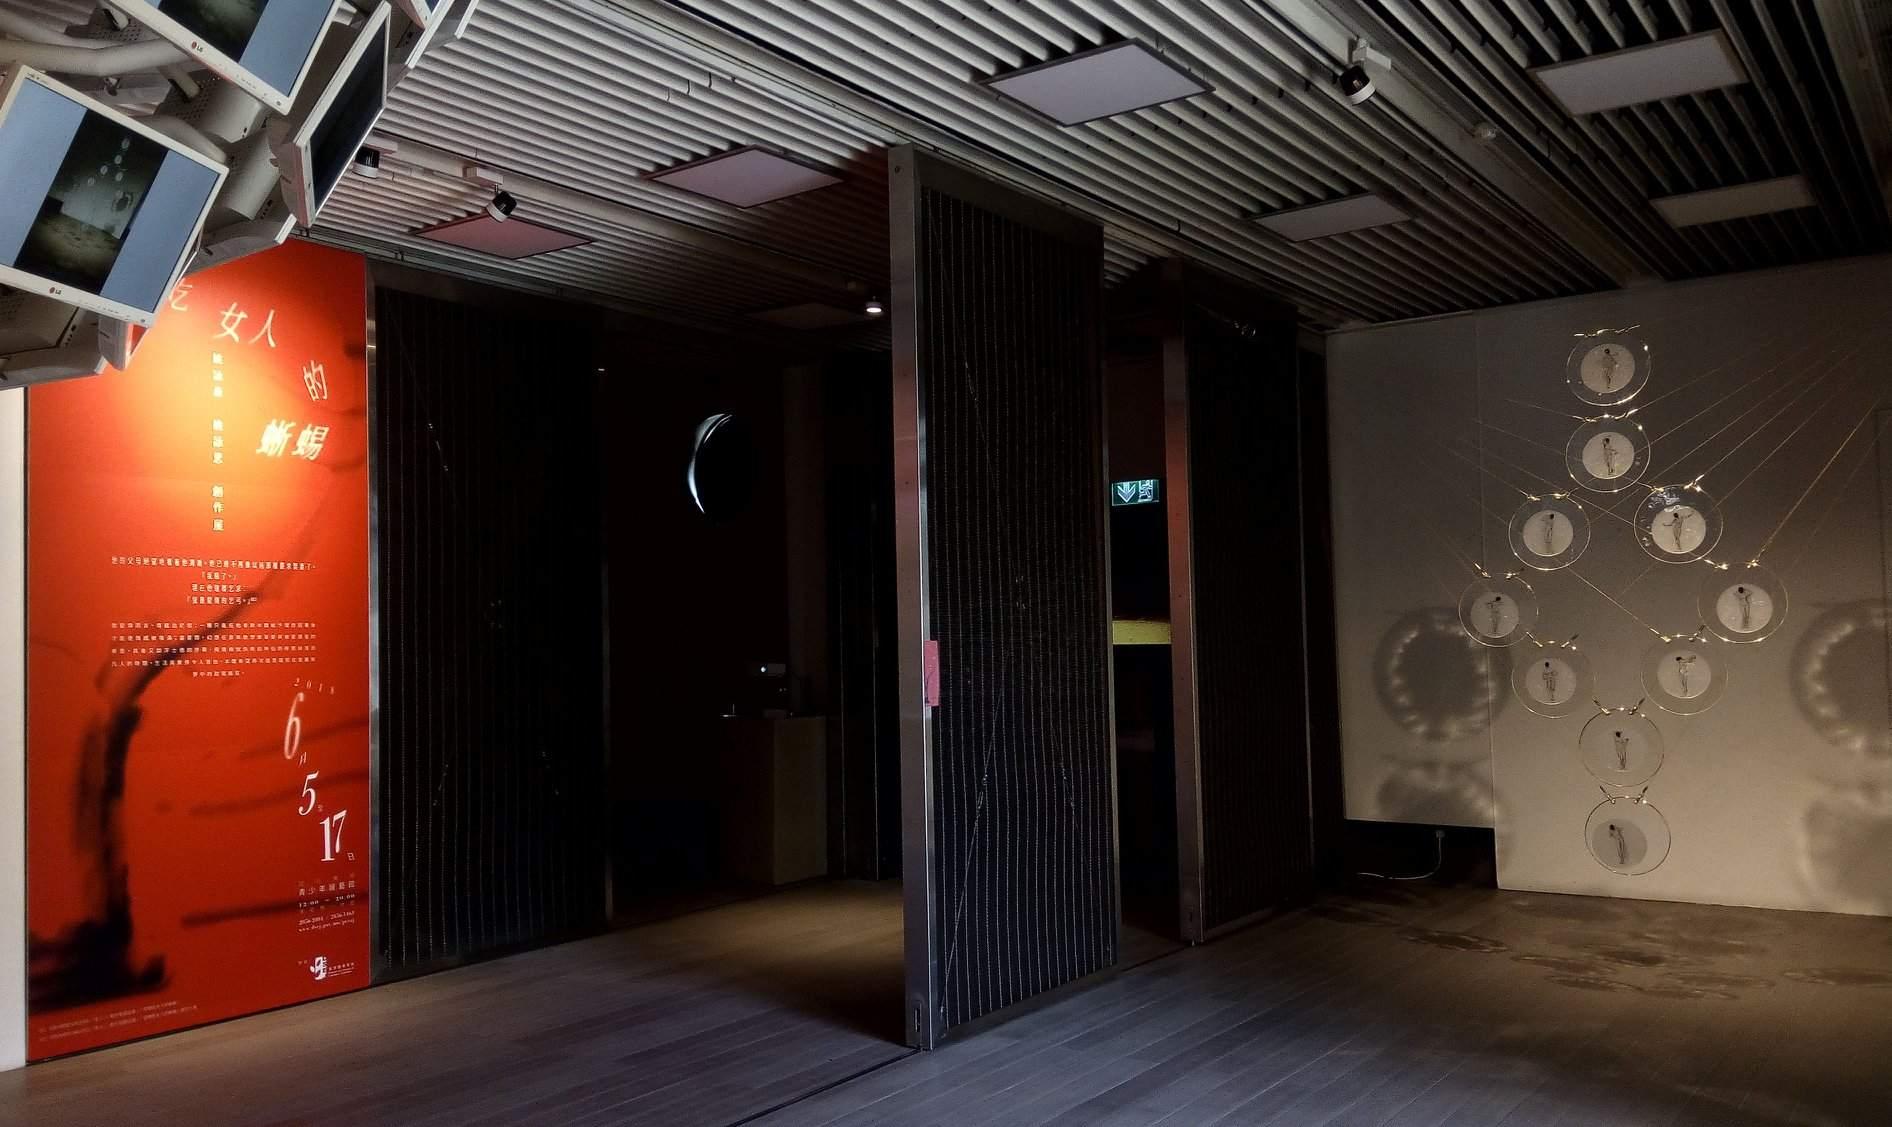 藝術裡的連結 ——訪本地藝術家姚詠思